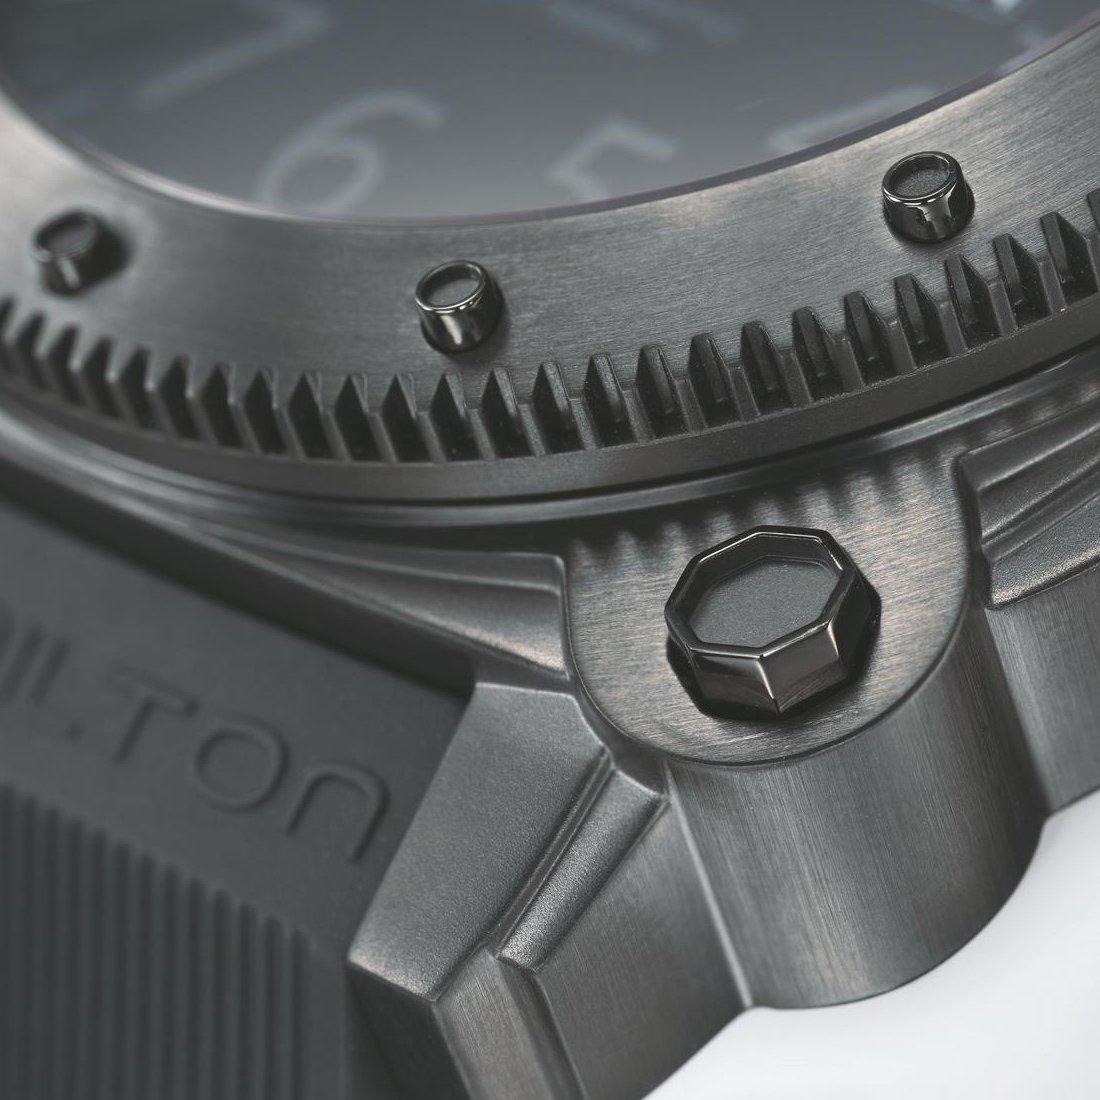 Montre Hamilton Khaki Navy Khaki BeLOWZERO Automatic vue 2